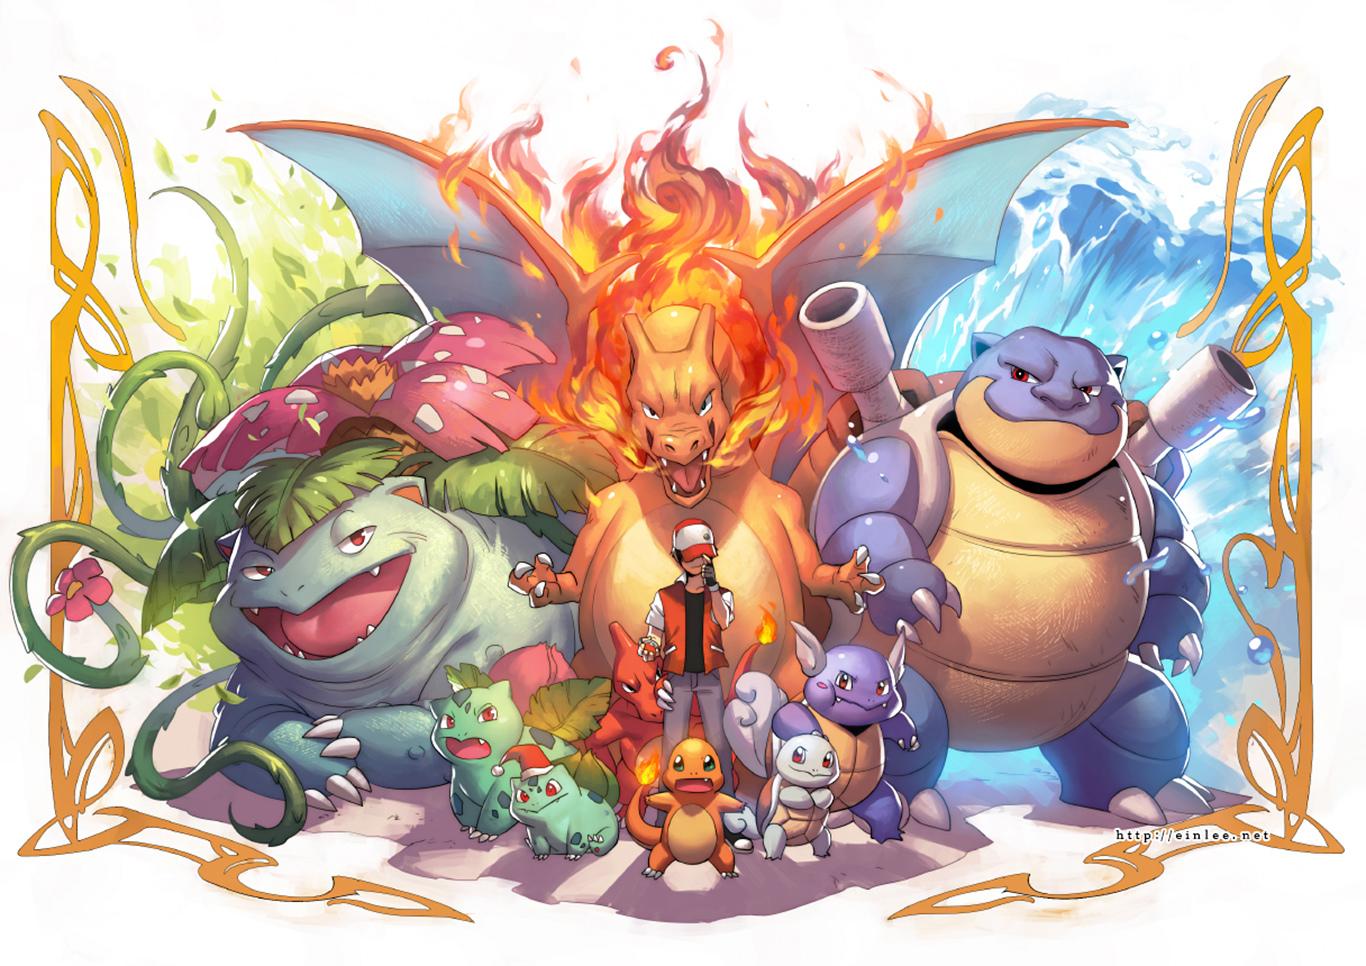 Imagenes de Pokemon gratis para descargar